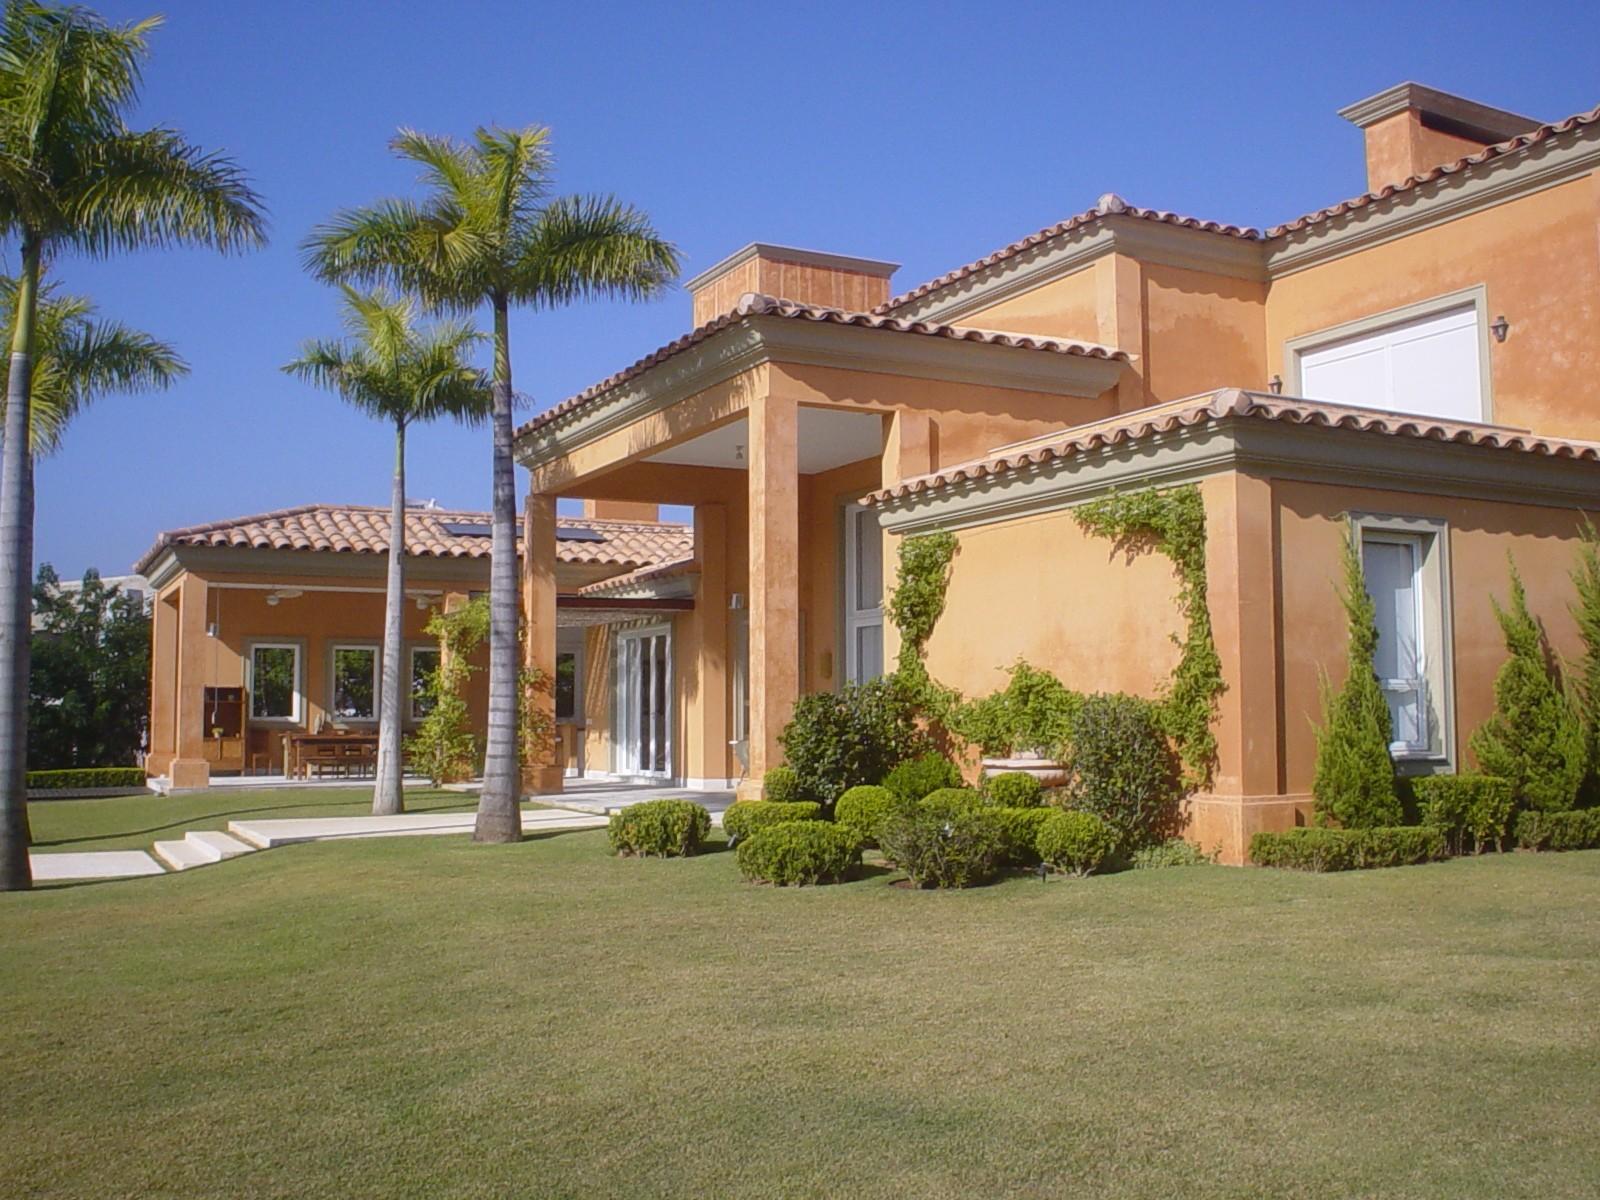 Casa italiana ef arquitetura for Casa italiana